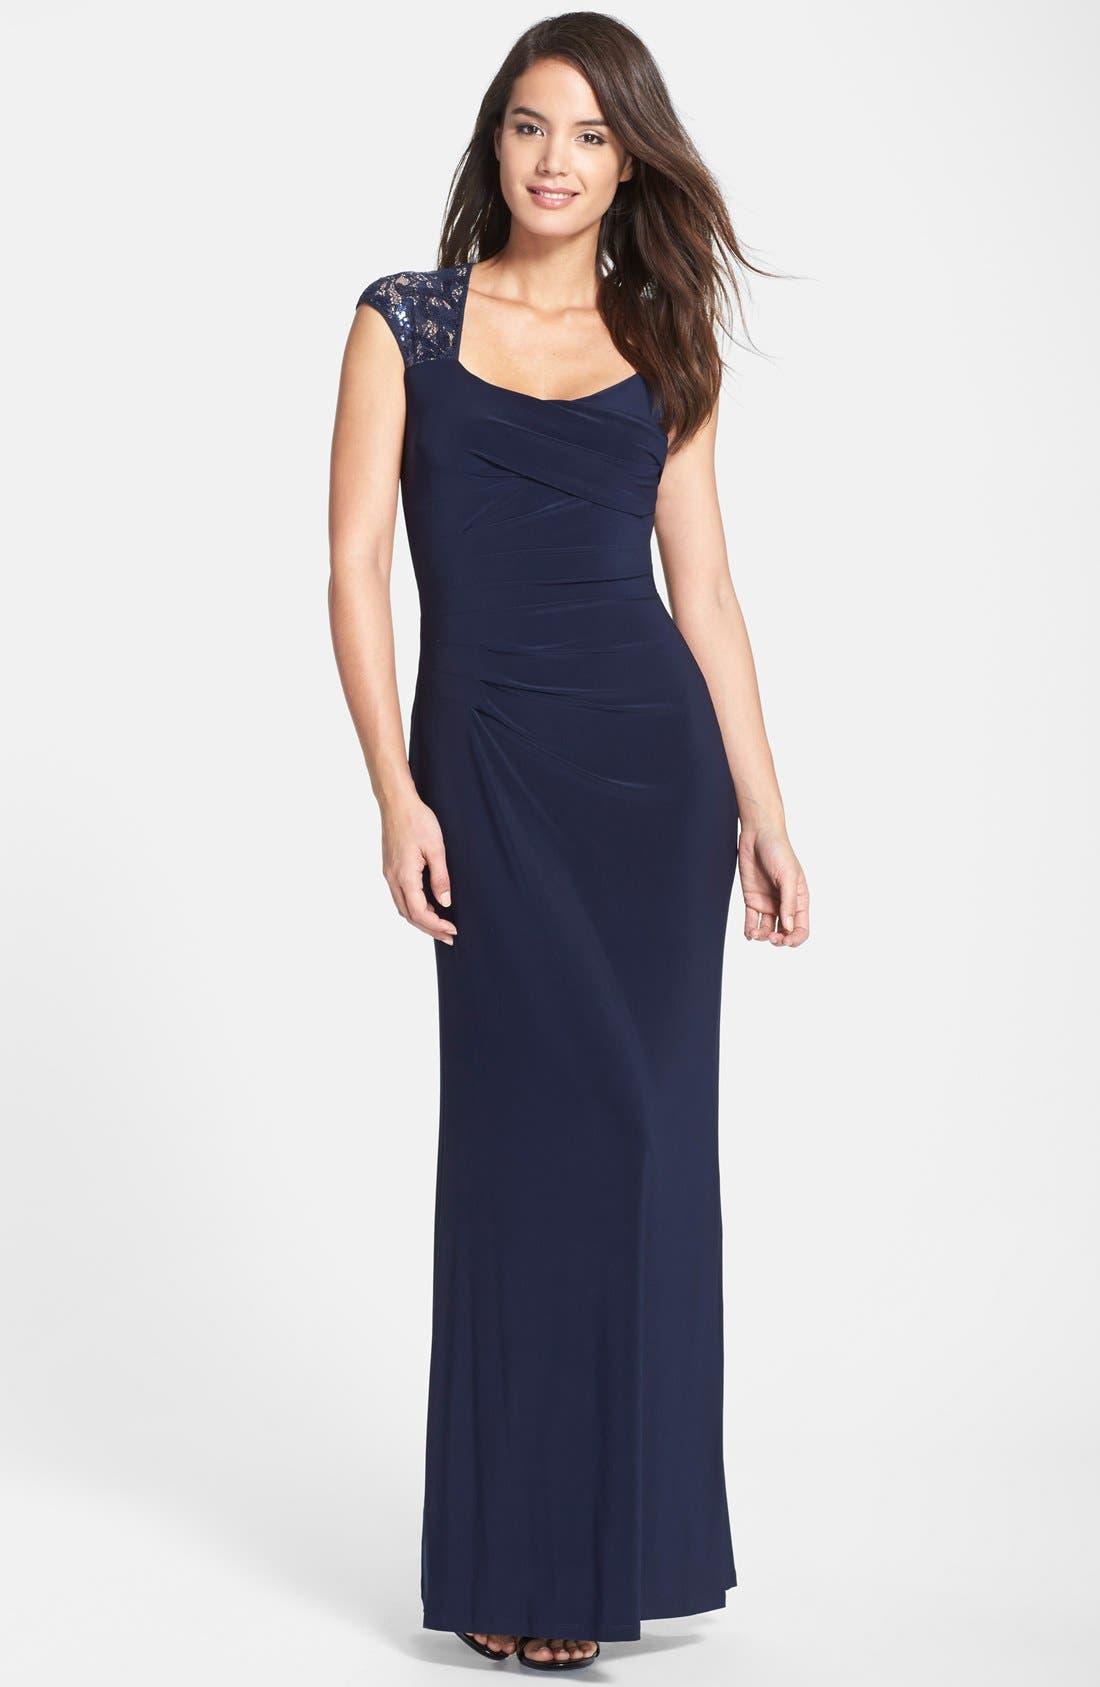 Main Image - Lauren Ralph Lauren Sequin Lace Sleeve Jersey Gown (Regular & Petite)